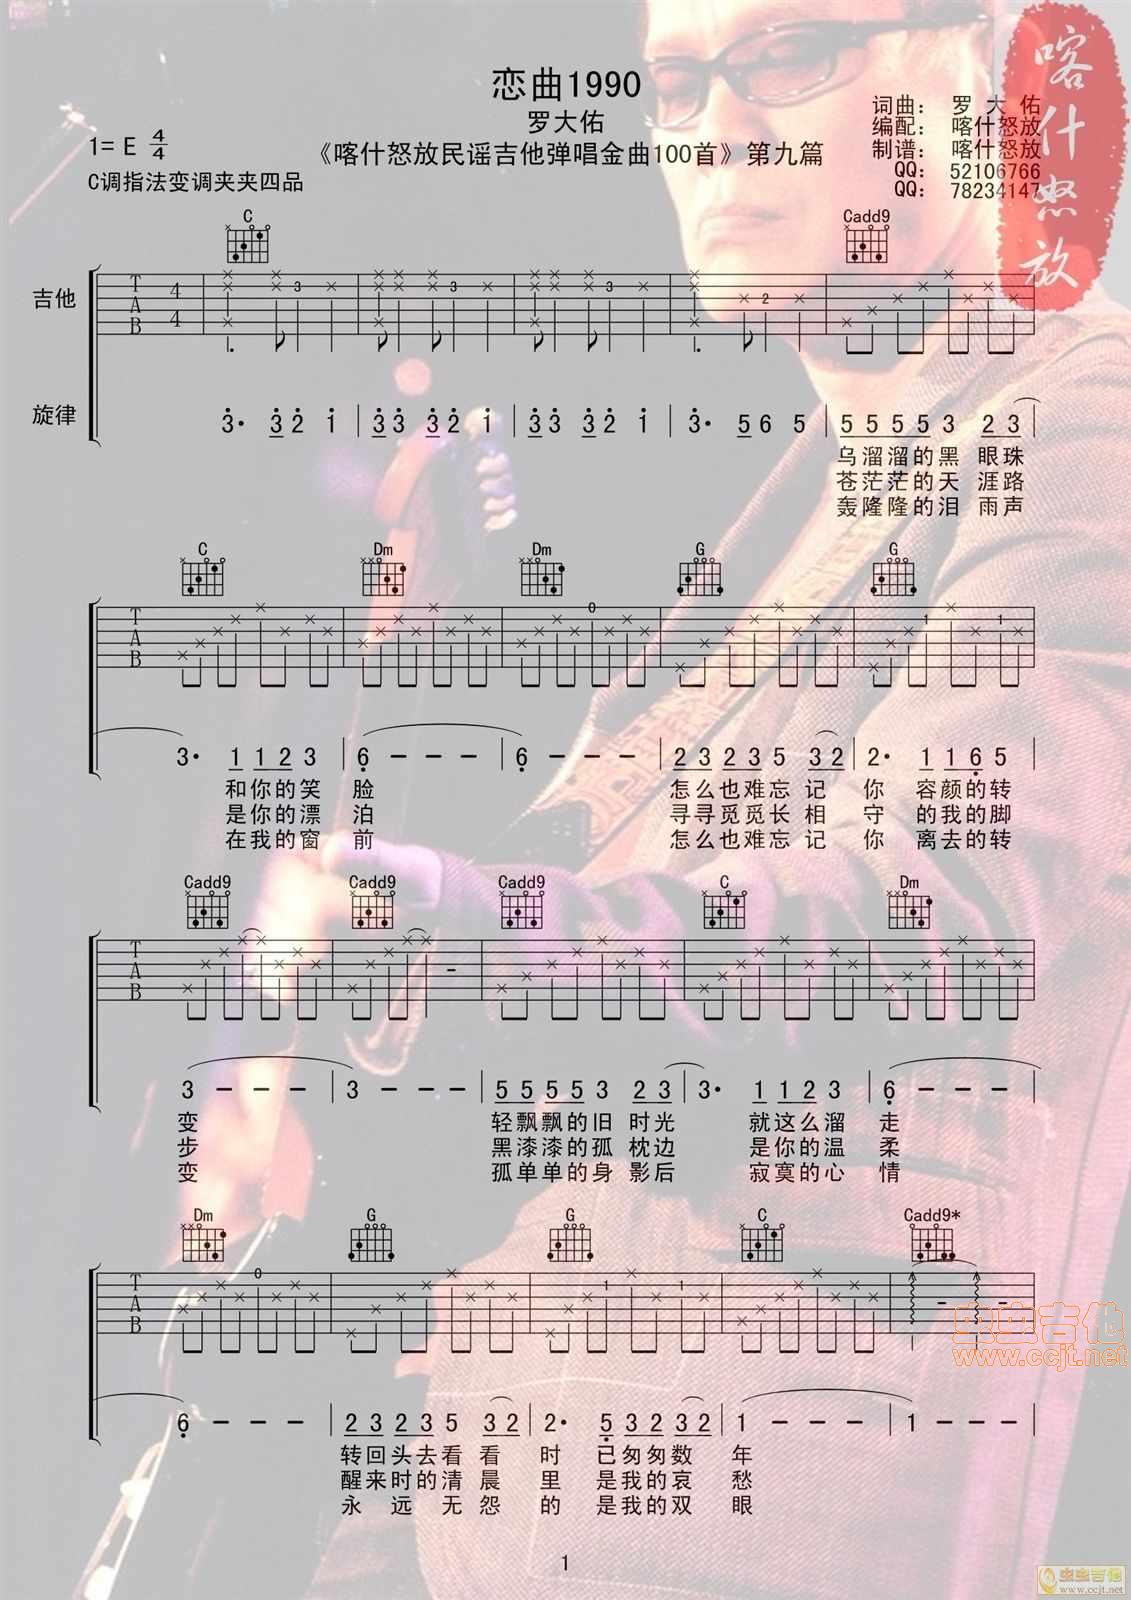 恋曲1990罕i)K�K����_罗大佑恋曲1990喀什怒放G调六线吉他谱-虫虫吉他谱免费下载